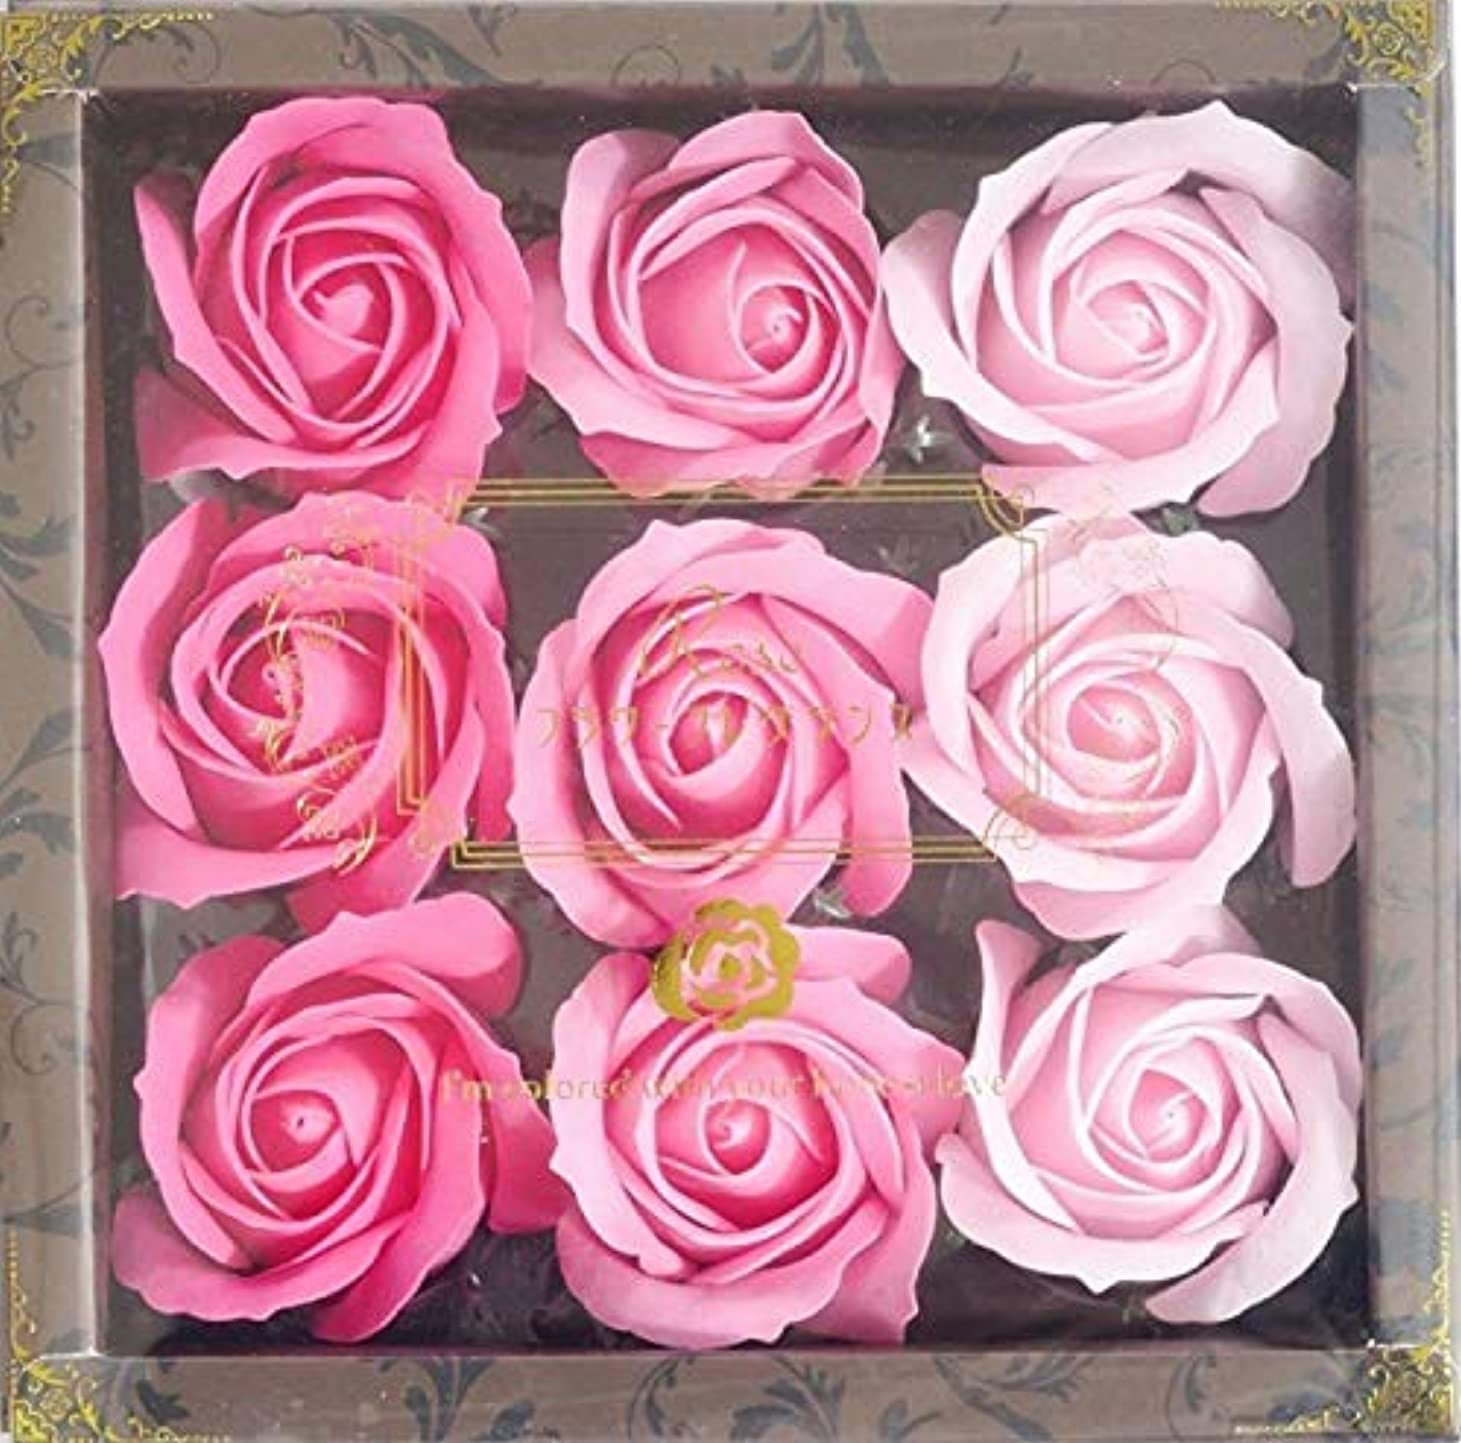 真実に蒸留するシソーラスバスフレグランス バスフラワー ローズフレグランス ピンクカラー お花の形の入浴剤 プレゼント ばら ギフト